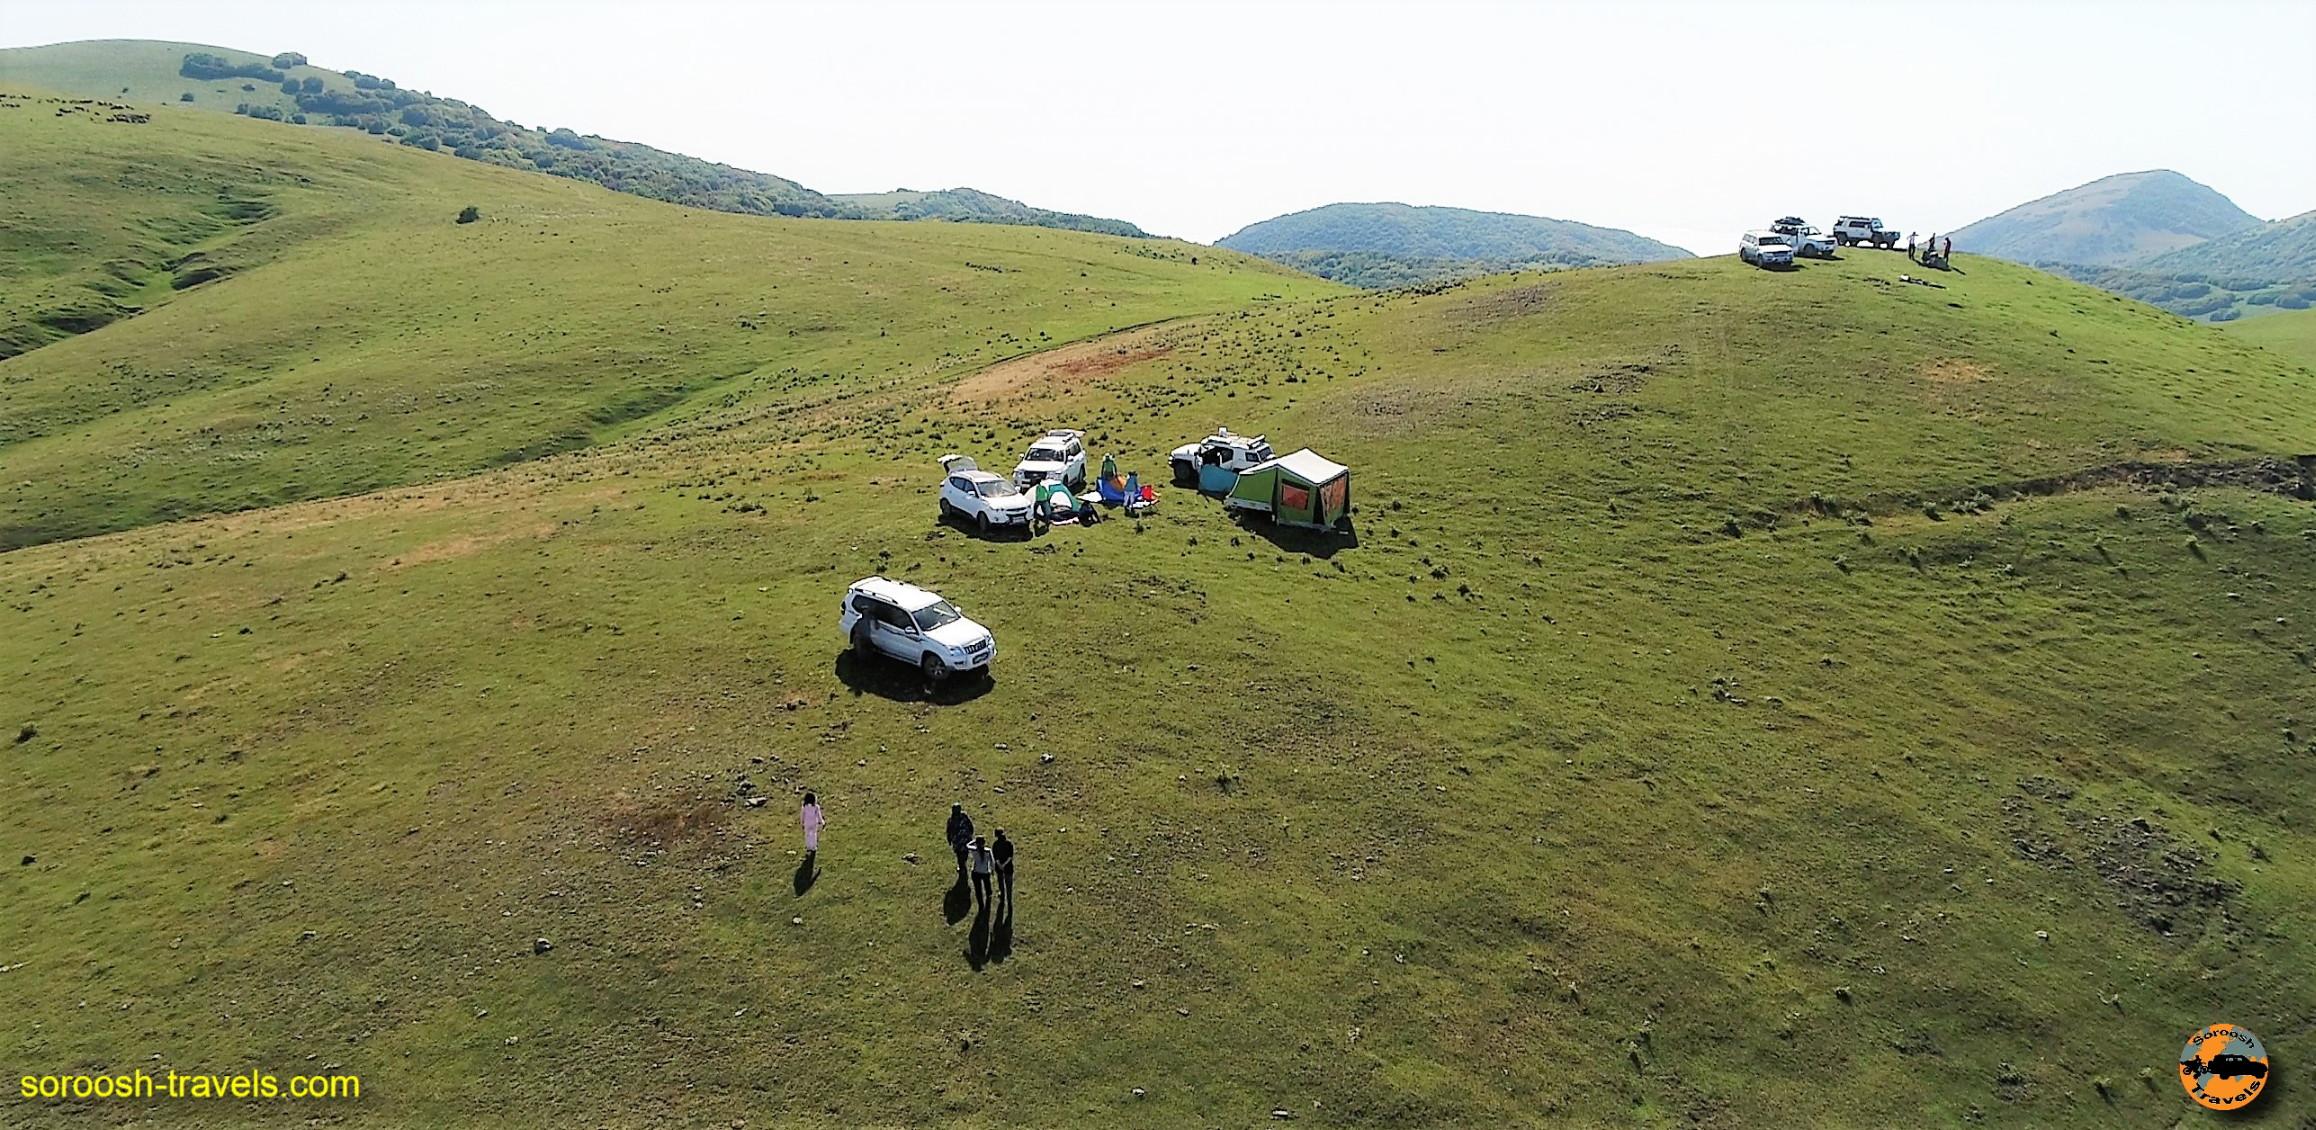 تصاویر هوایی از ارتفاعات سوها - تابستان ۱۳۹۶